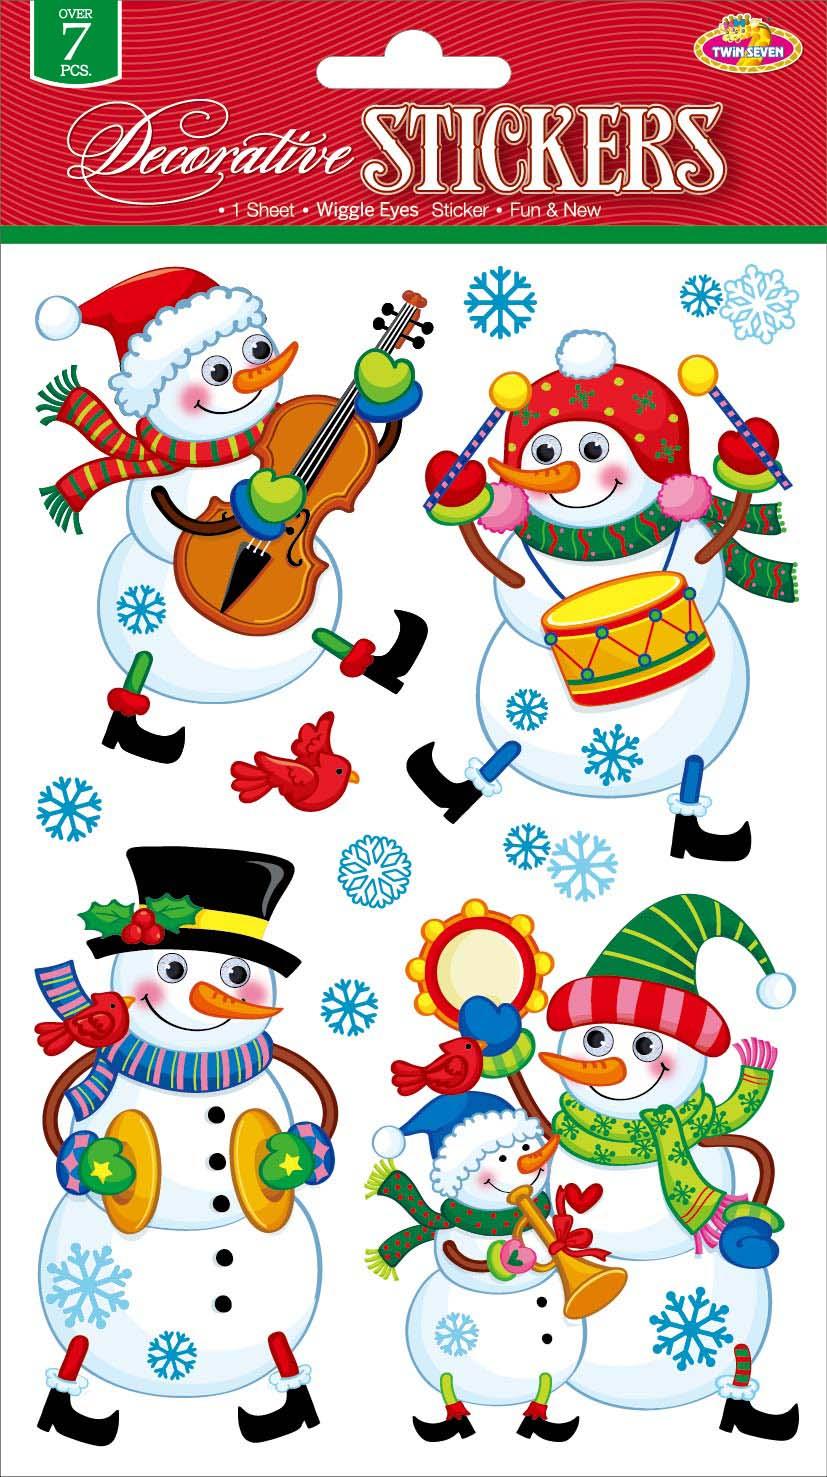 Наклейки для интерьера Room Decoration Забавные снеговичкиCLX3408Наклейки для стен и предметов интерьера Room Decoration Забавные снеговички, изготовленные из самоклеящейся виниловой пленки, помогут украсить дом к предстоящим праздникам. Изделия выполнены в виде снеговиков с объемными глазами, снежинок. Наклейки дадут вам вдохновение, которое изменит вашу жизнь и поможет погрузиться в мир ярких красок, фантазий и творчества. Для вас открываются безграничные возможности придумать оригинальный дизайн и придать новый вид стенам и мебели. Наклейки абсолютно безопасны для здоровья. Они быстро и легко наклеиваются на любые ровные поверхности: стены, окна, двери, стекла, мебель. При необходимости удобно снимаются, не оставляют следов. Наклейки Room Decoration Забавные снеговички помогут вам изменить интерьер вокруг себя: в детской комнате и гостиной, на кухне и в прихожей, витрину кафе и магазина, детский садик и офис. Размер листа: 14 см х 21 см. Количество наклеек на листе: 11 шт. Размер самой большой...